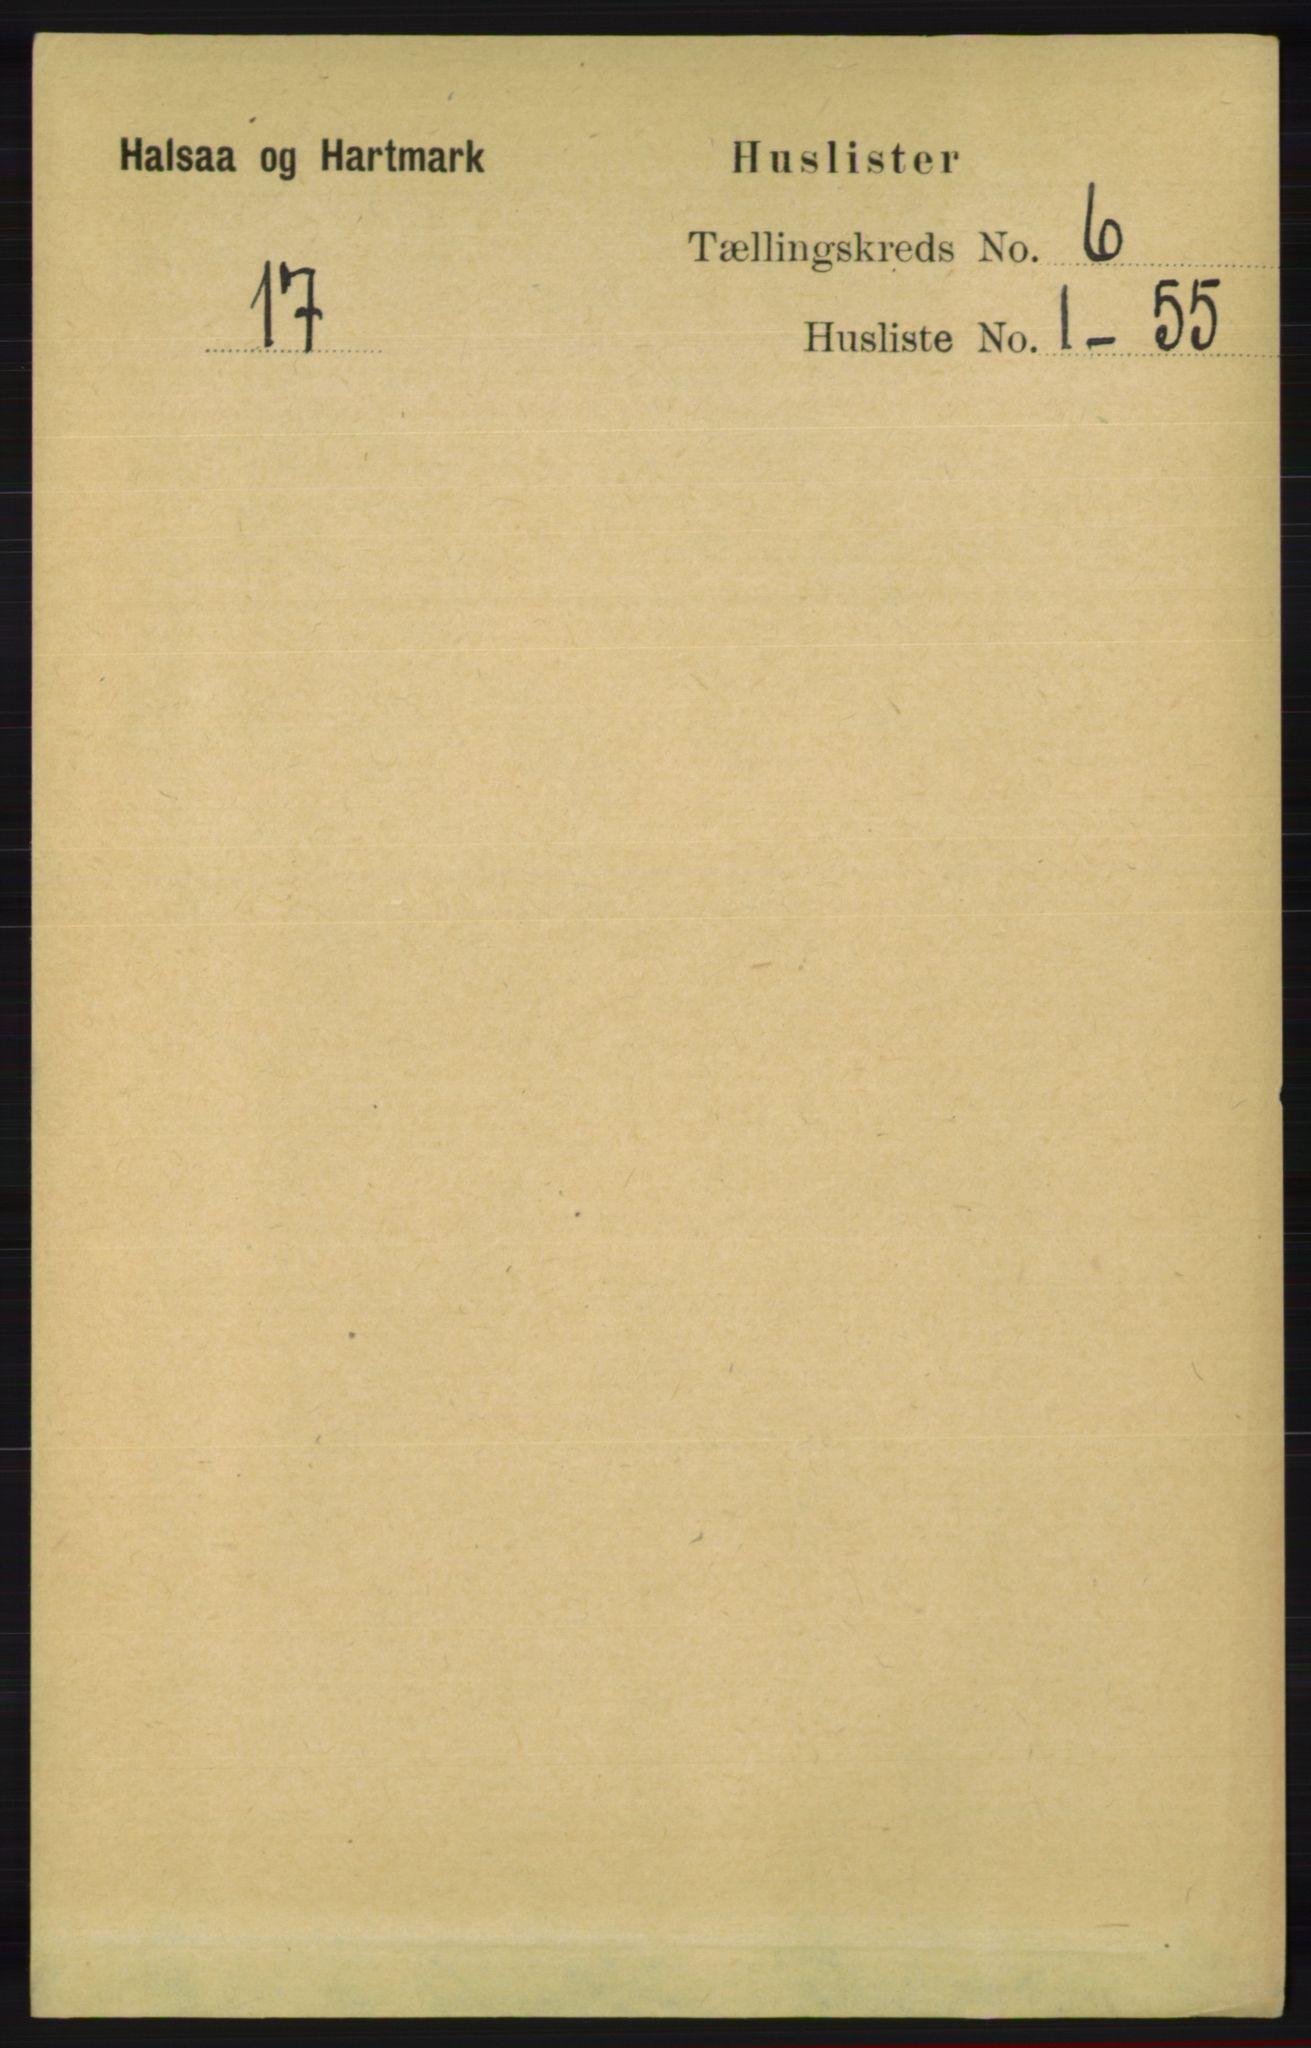 RA, Folketelling 1891 for 1019 Halse og Harkmark herred, 1891, s. 2310